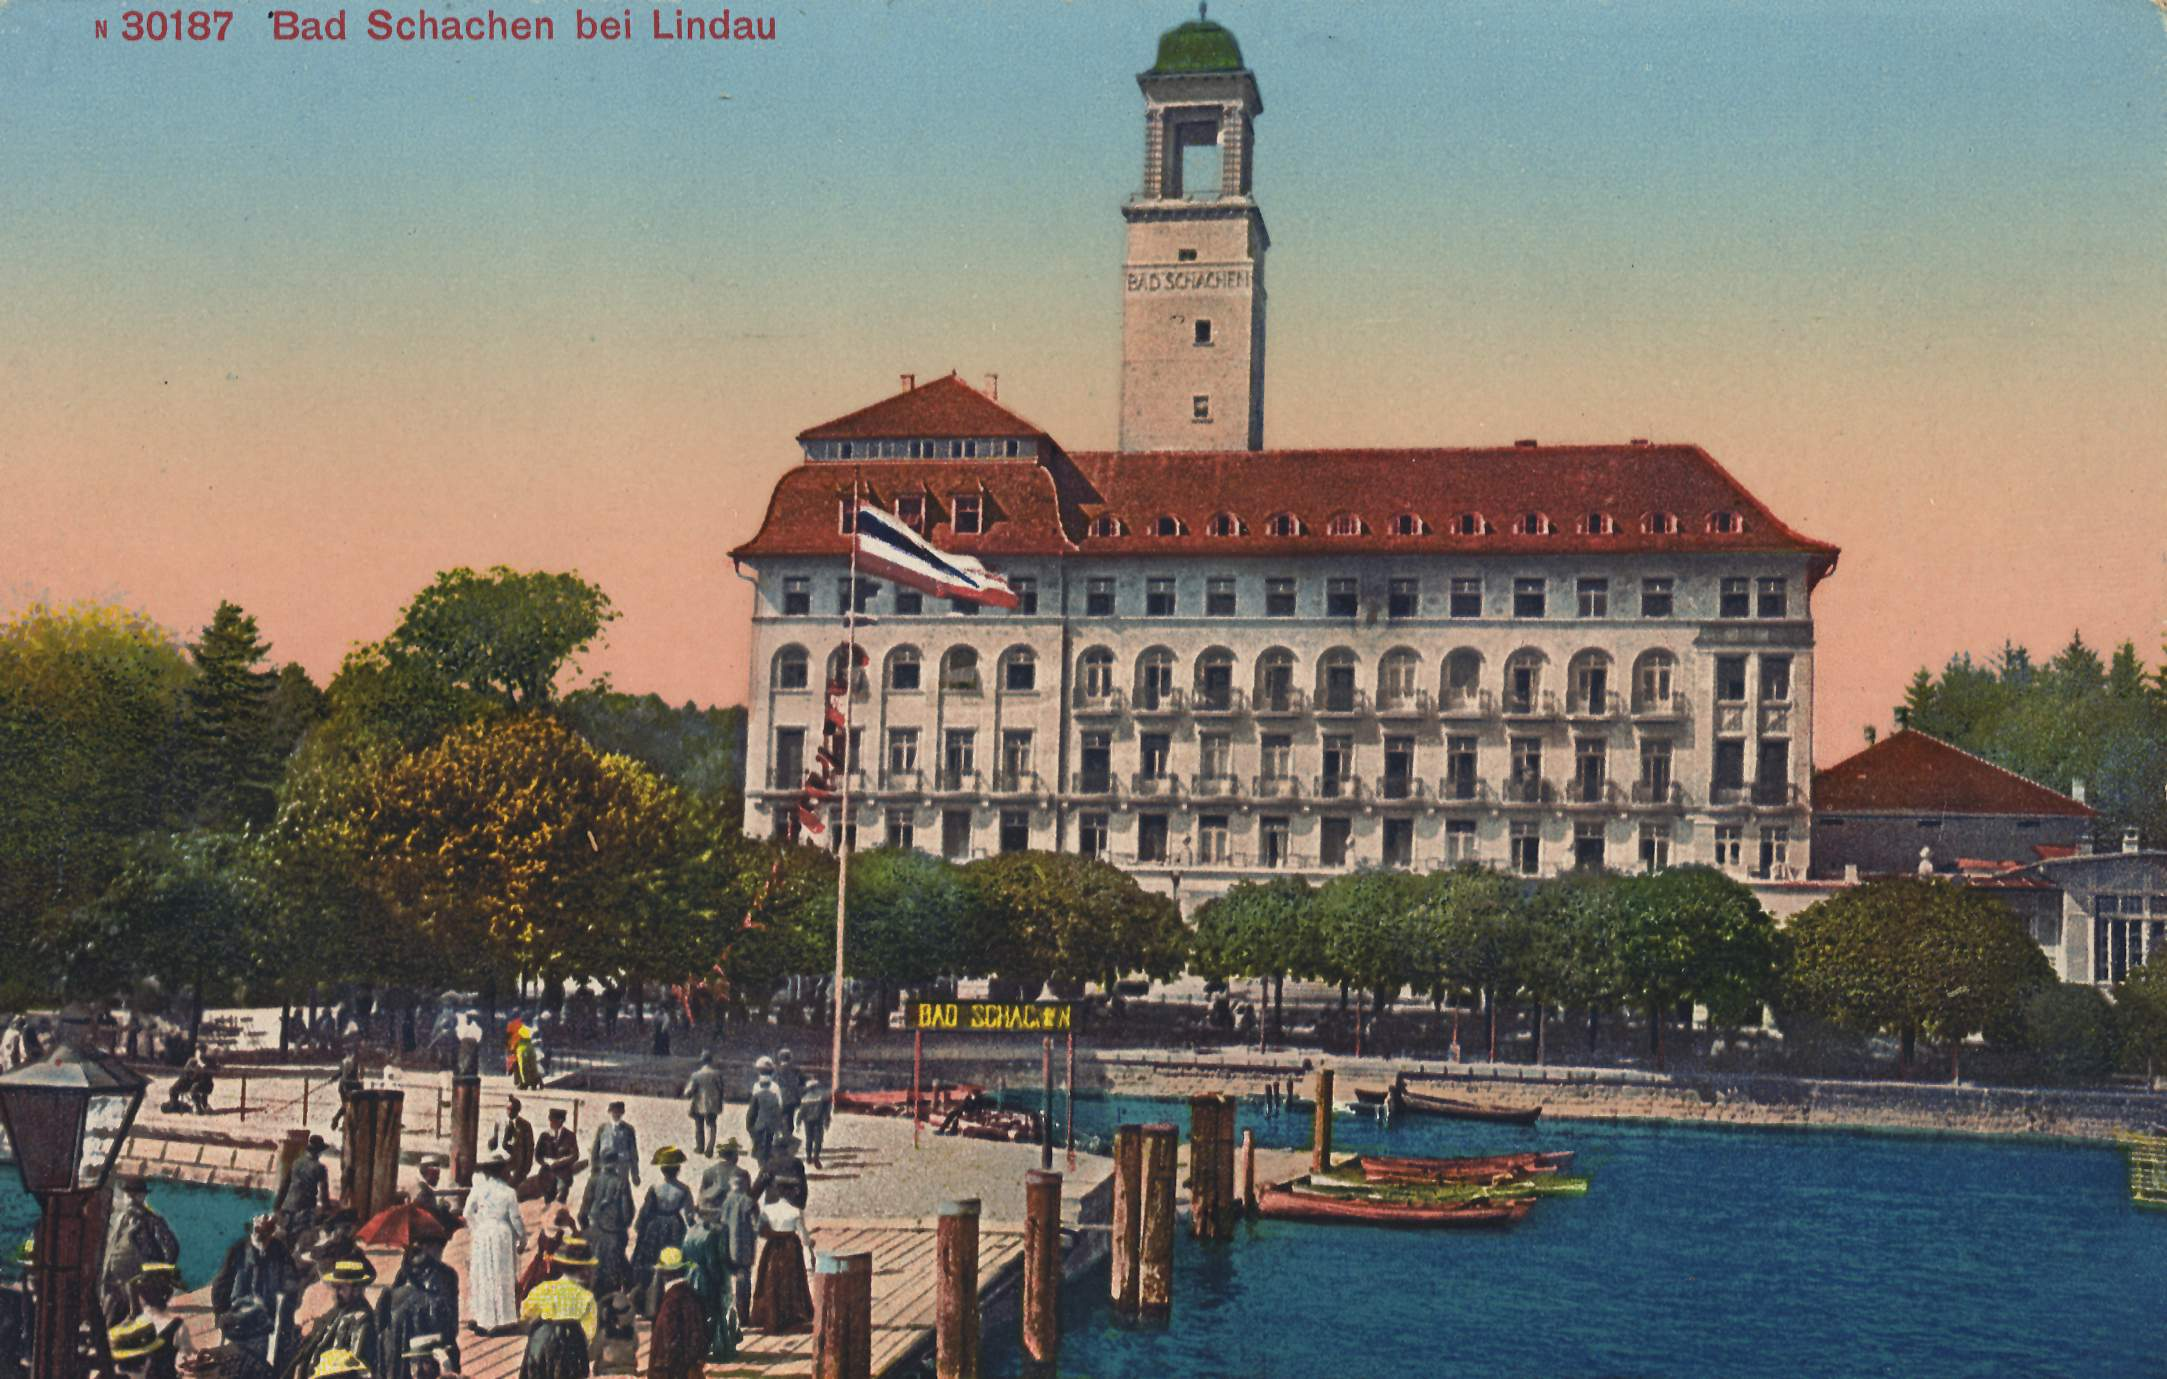 Bilder Hotel Bad Schachen